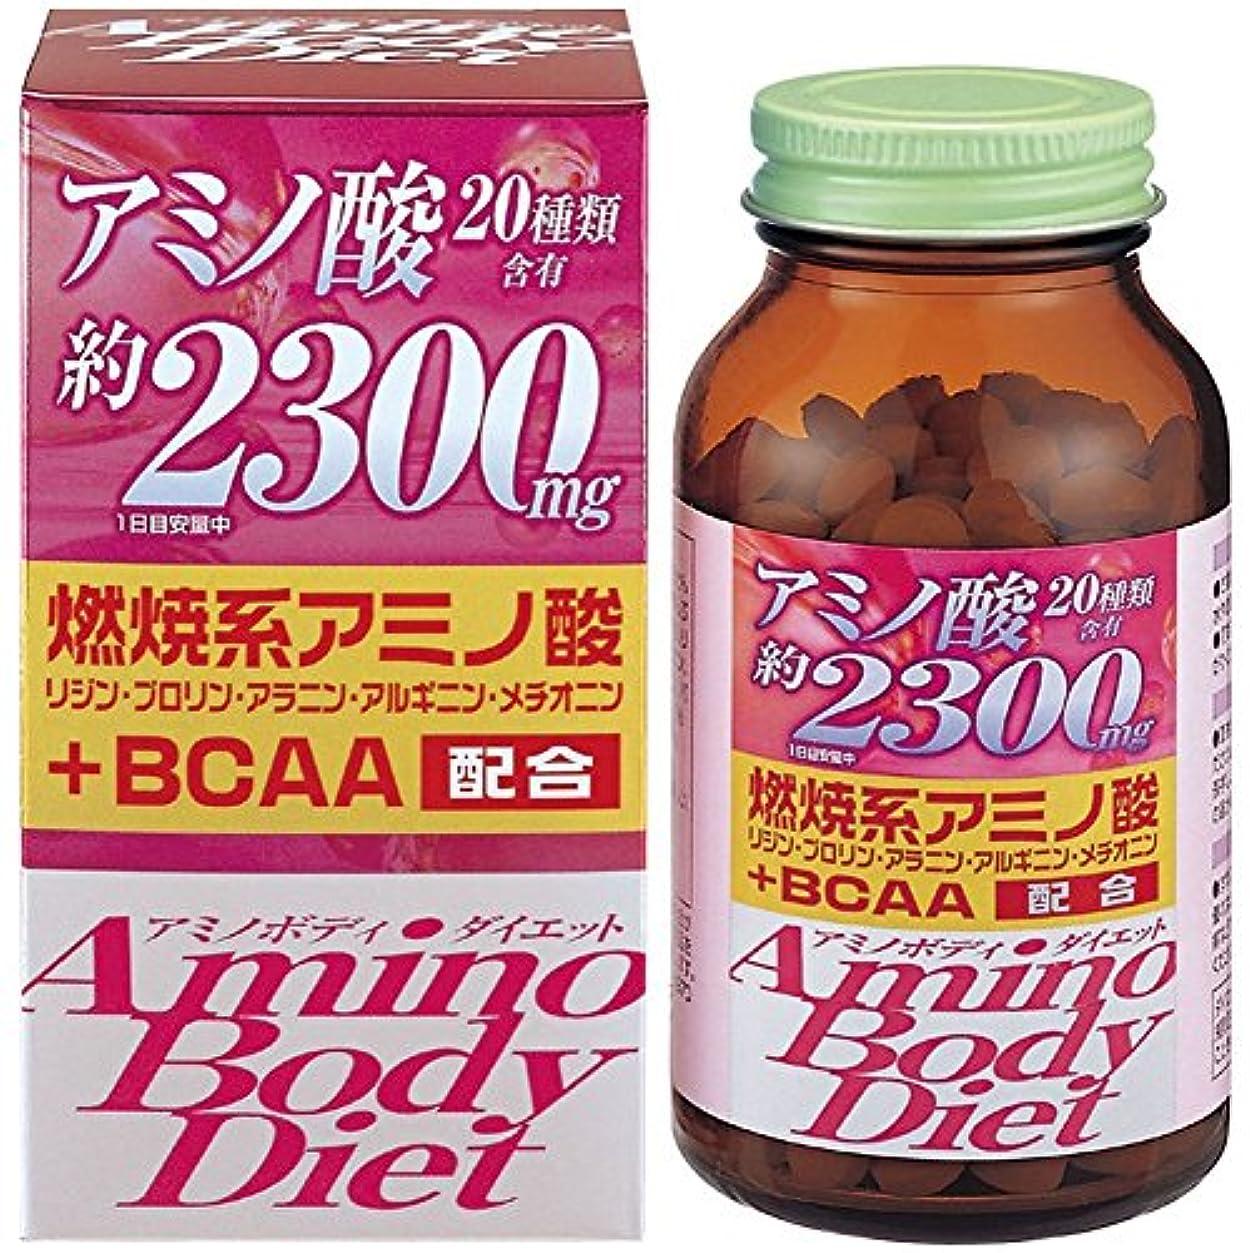 コークス潜水艦自明アミノボディダイエット粒 300粒×(5セット)